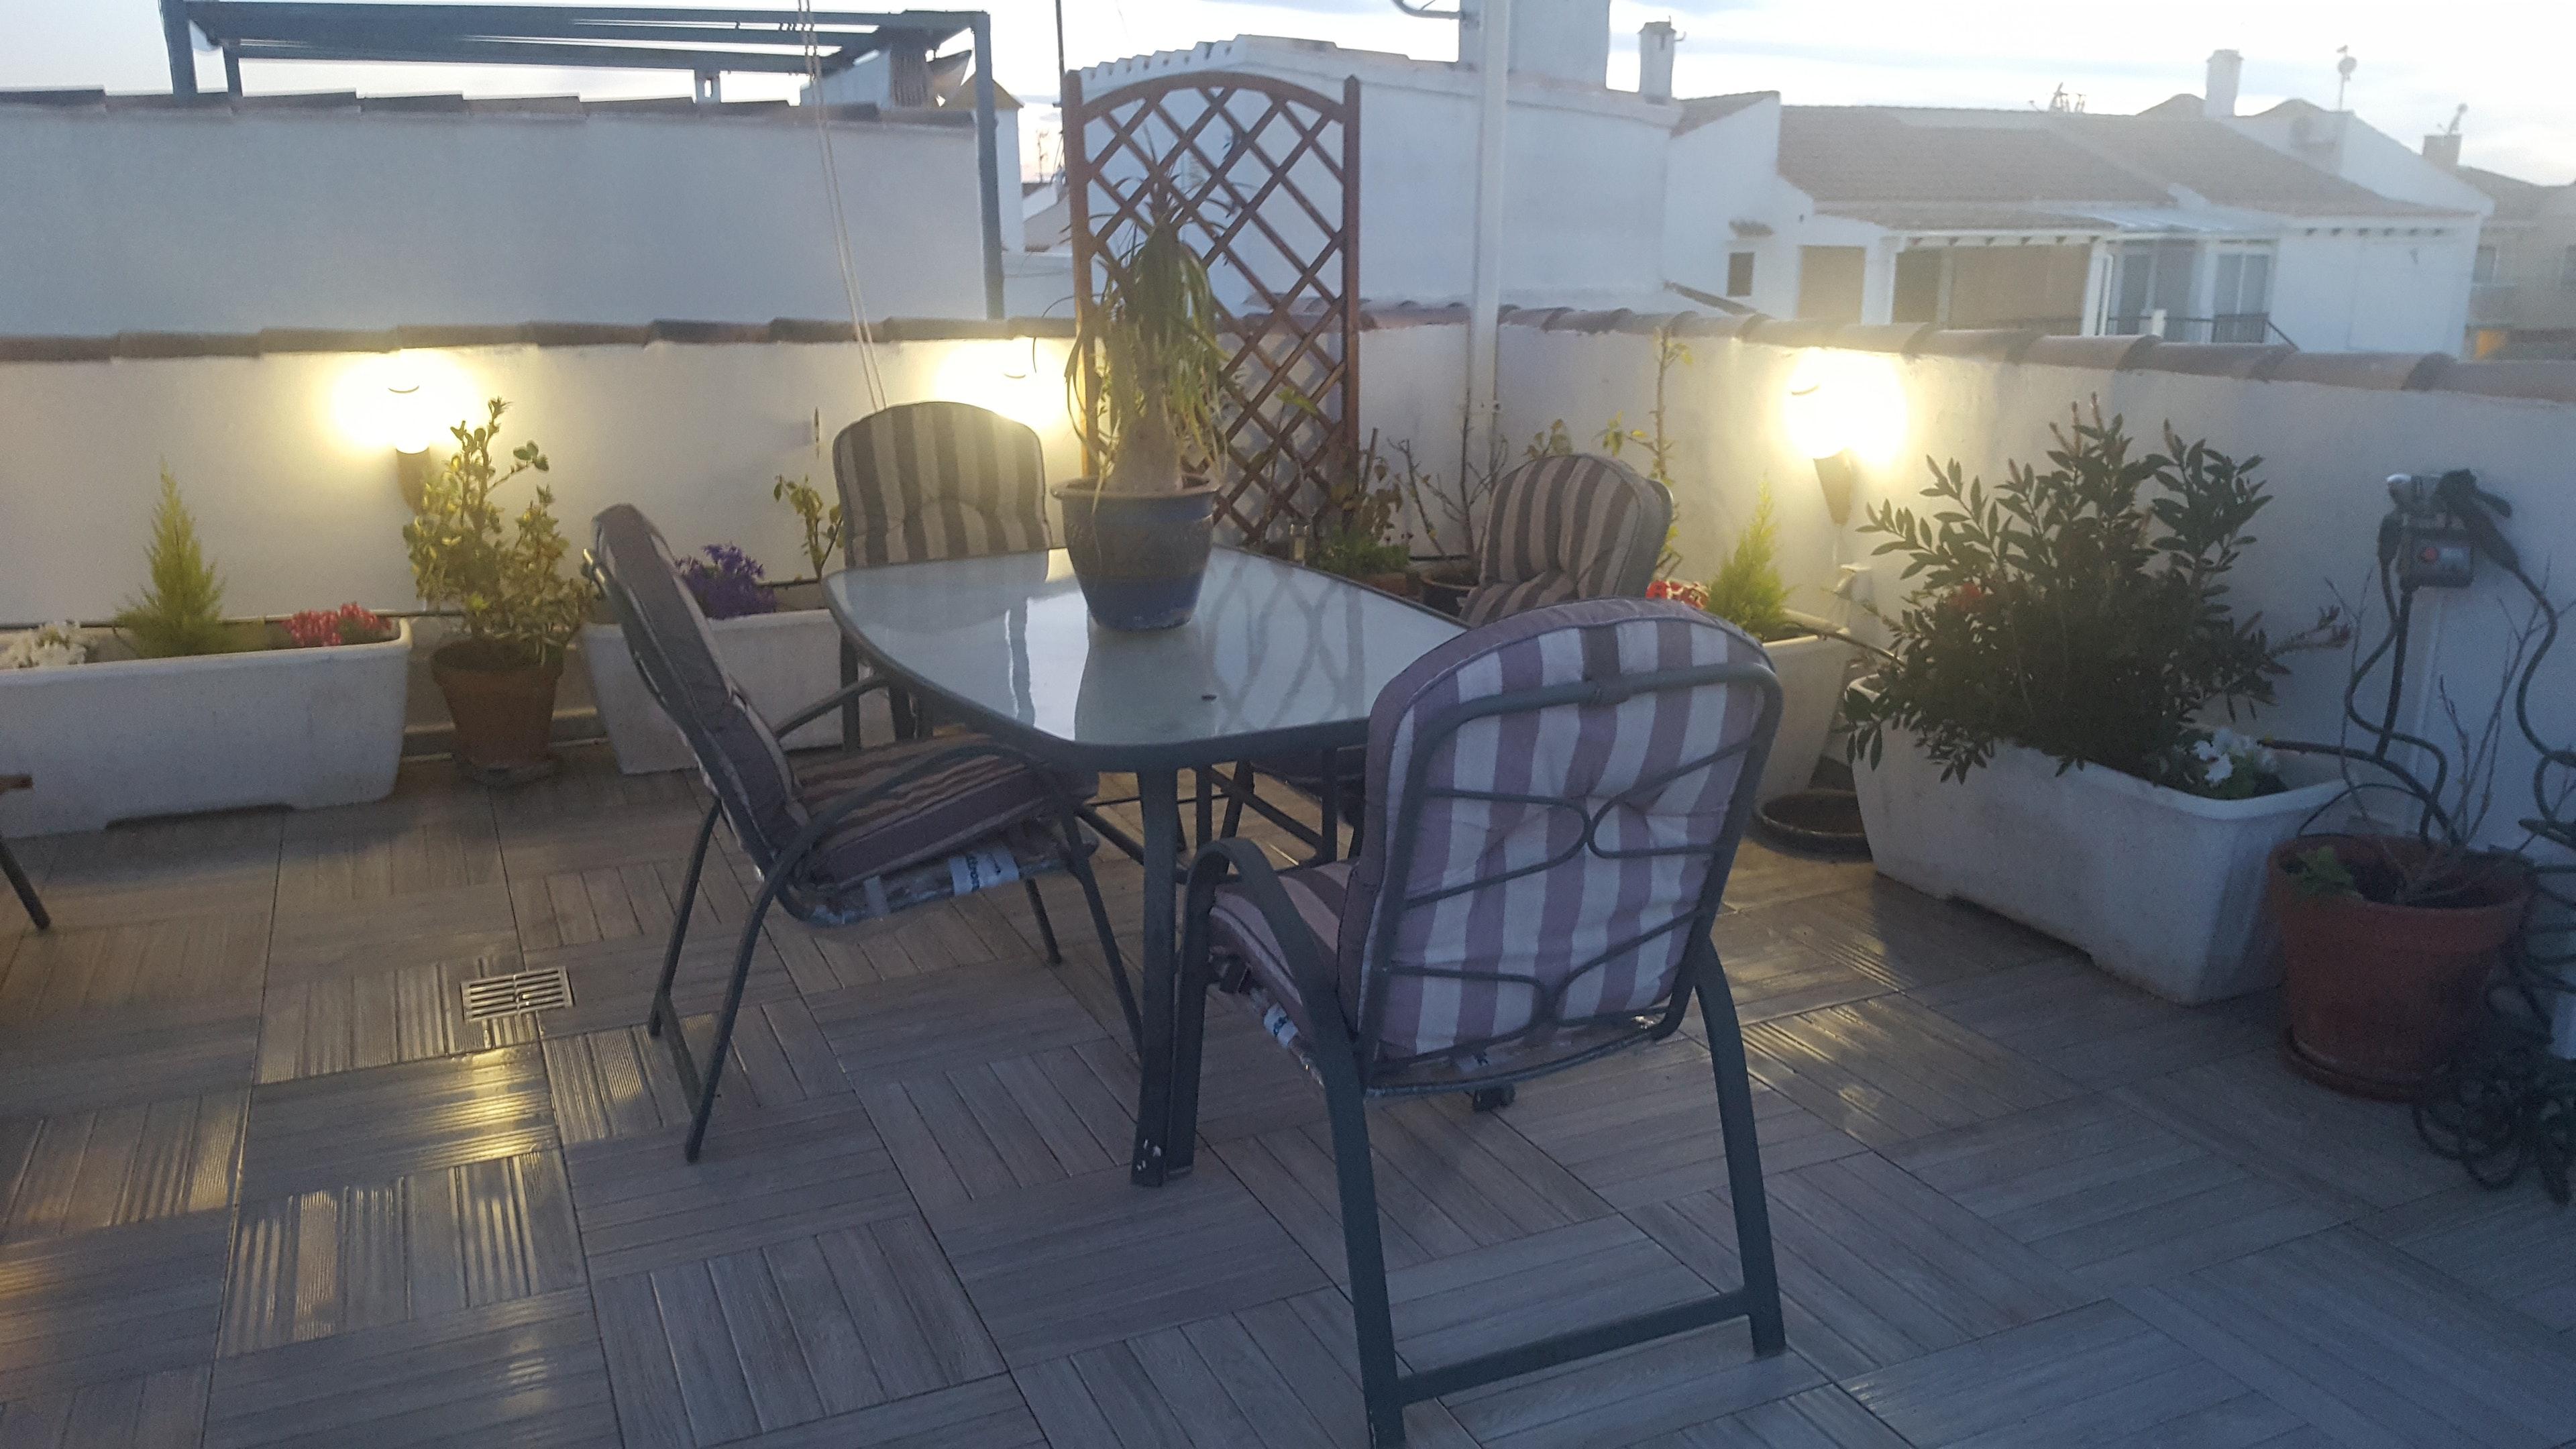 Ferienhaus Haus mit 2 Schlafzimmern in Torrevieja mit Pool, möbliertem Garten und W-LAN (2202043), Torrevieja, Costa Blanca, Valencia, Spanien, Bild 24